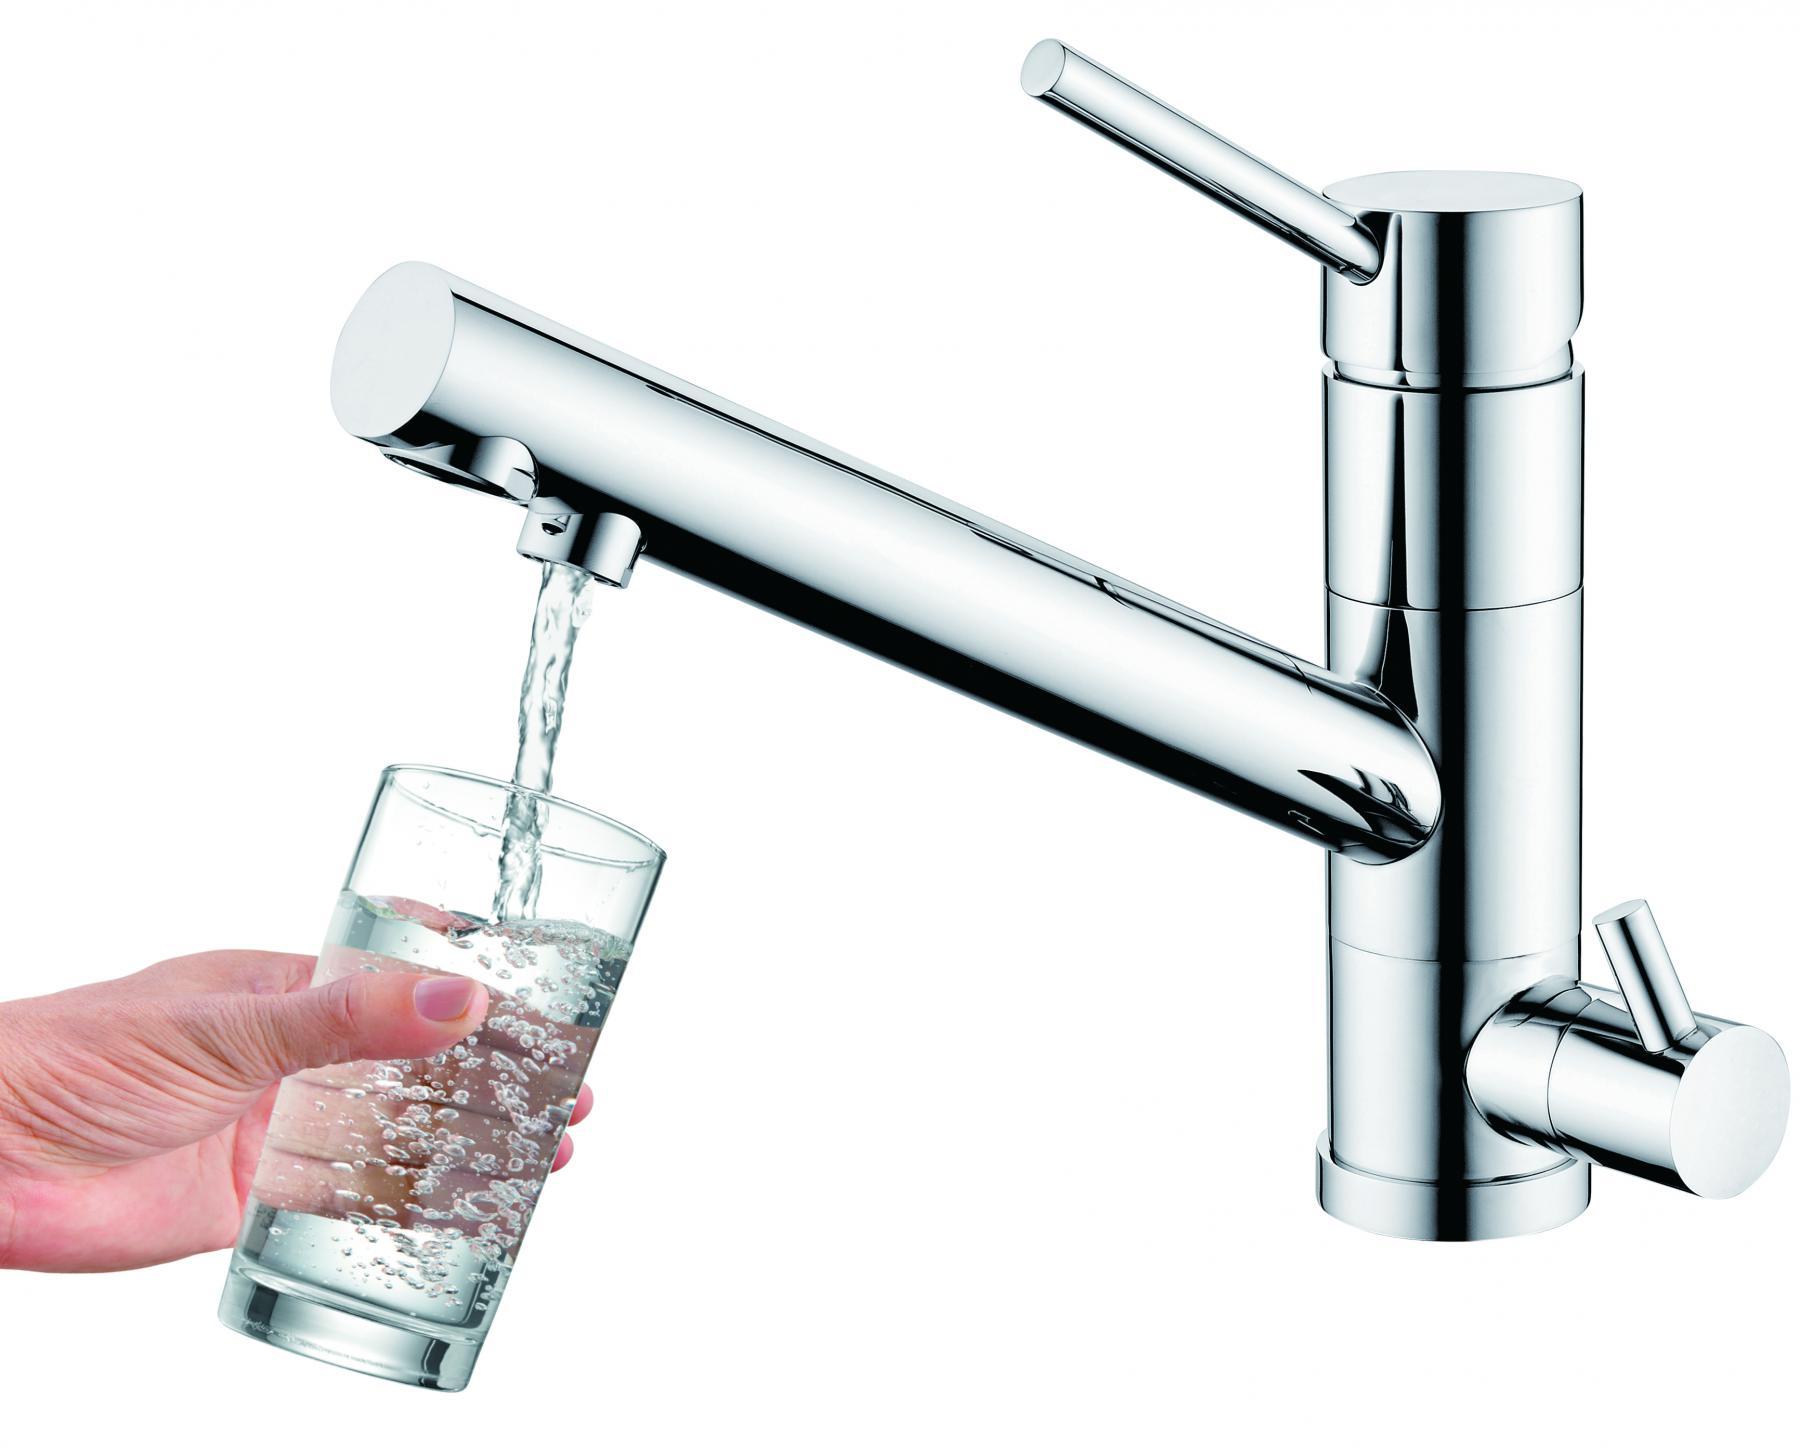 Küchenarmatur Umkehr Osmose, Filter, Trinkwasser, Trinkwasserfilter ...